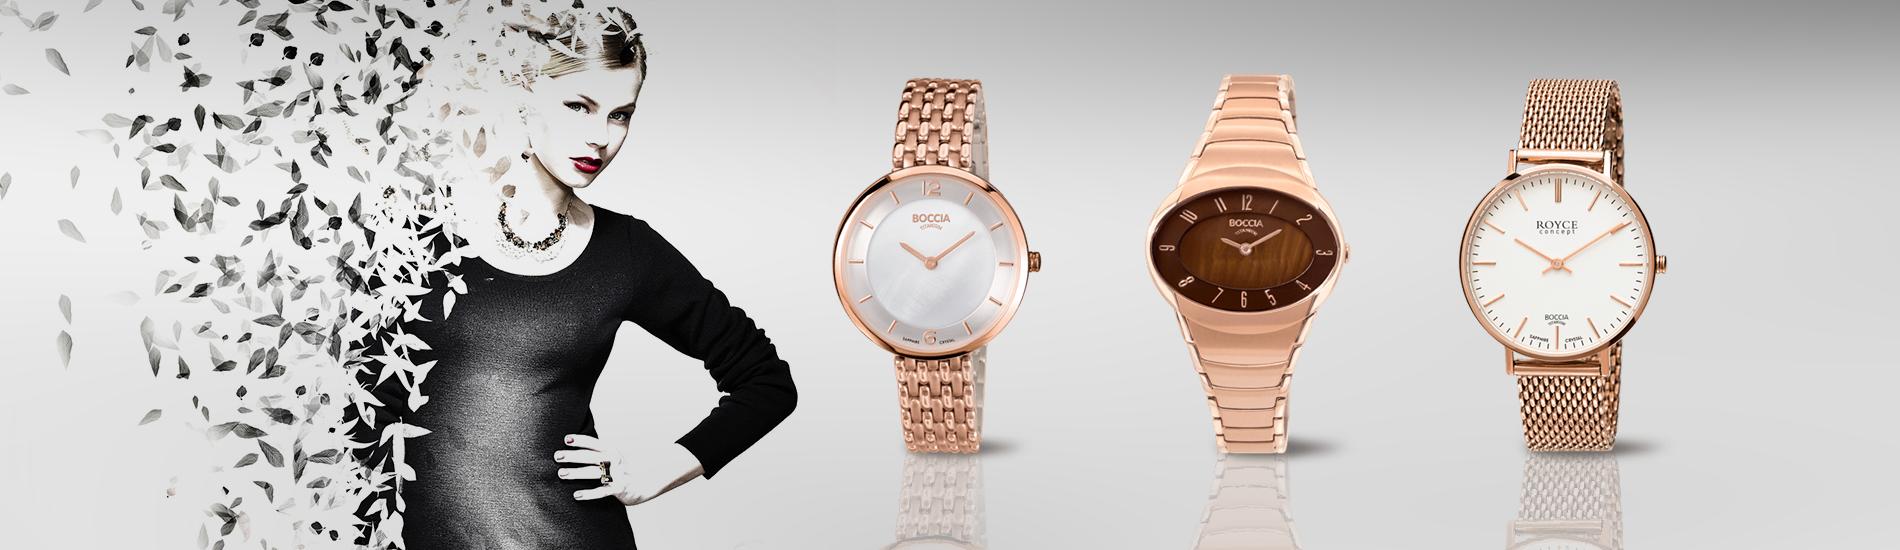 Juwelier online shop  Juwelier Goldhaus Onlineshop für Schmuck, Eheringe und Uhren